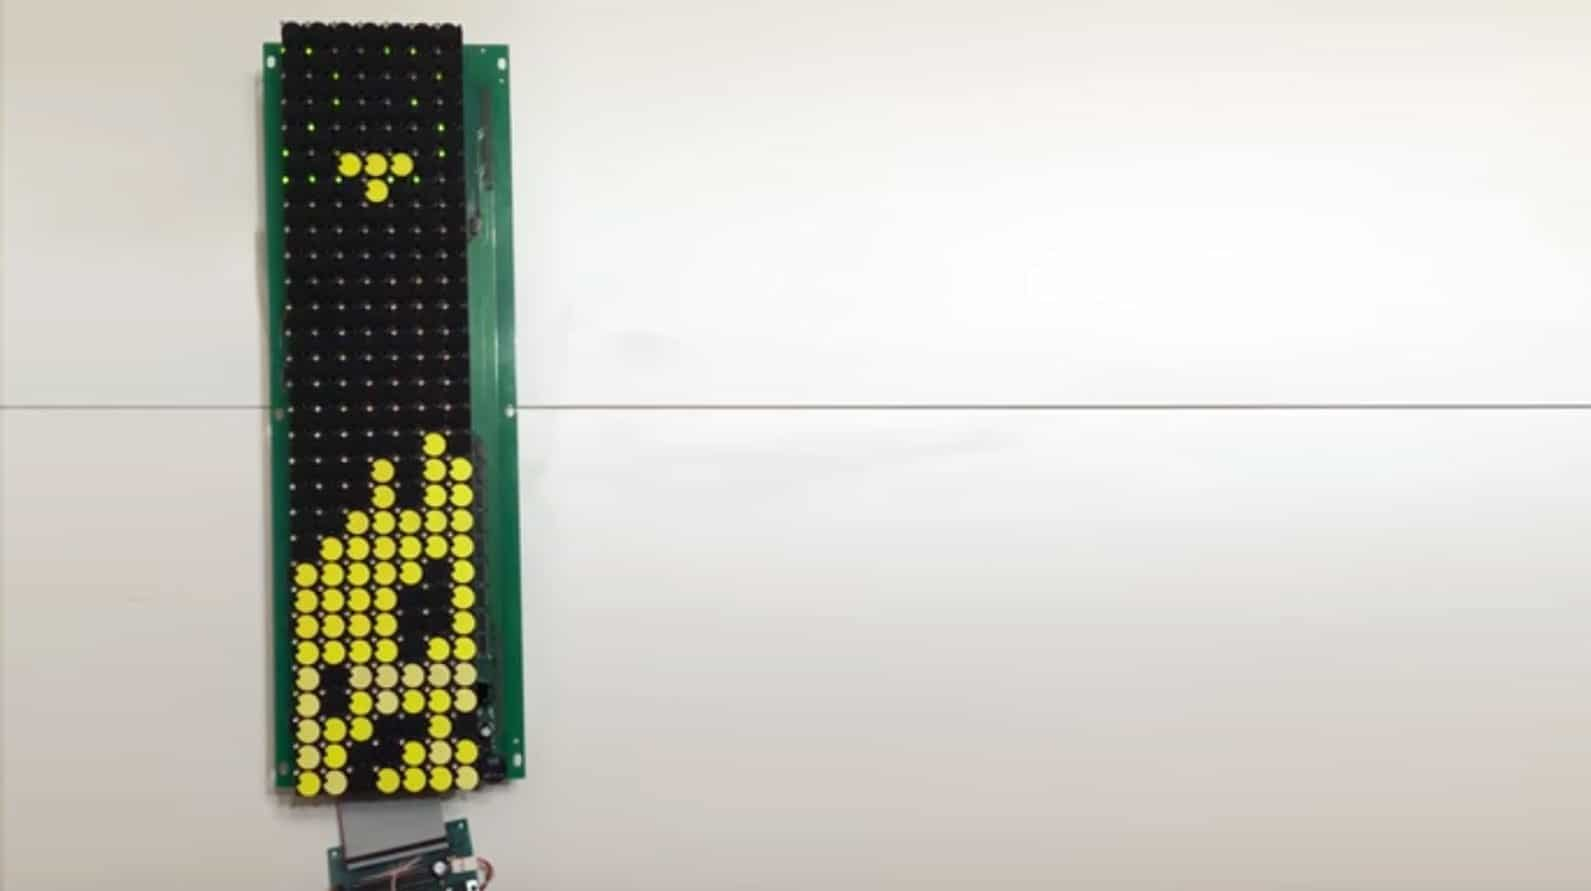 Analog-Tetris: Zocken auf einem mechanischen Display